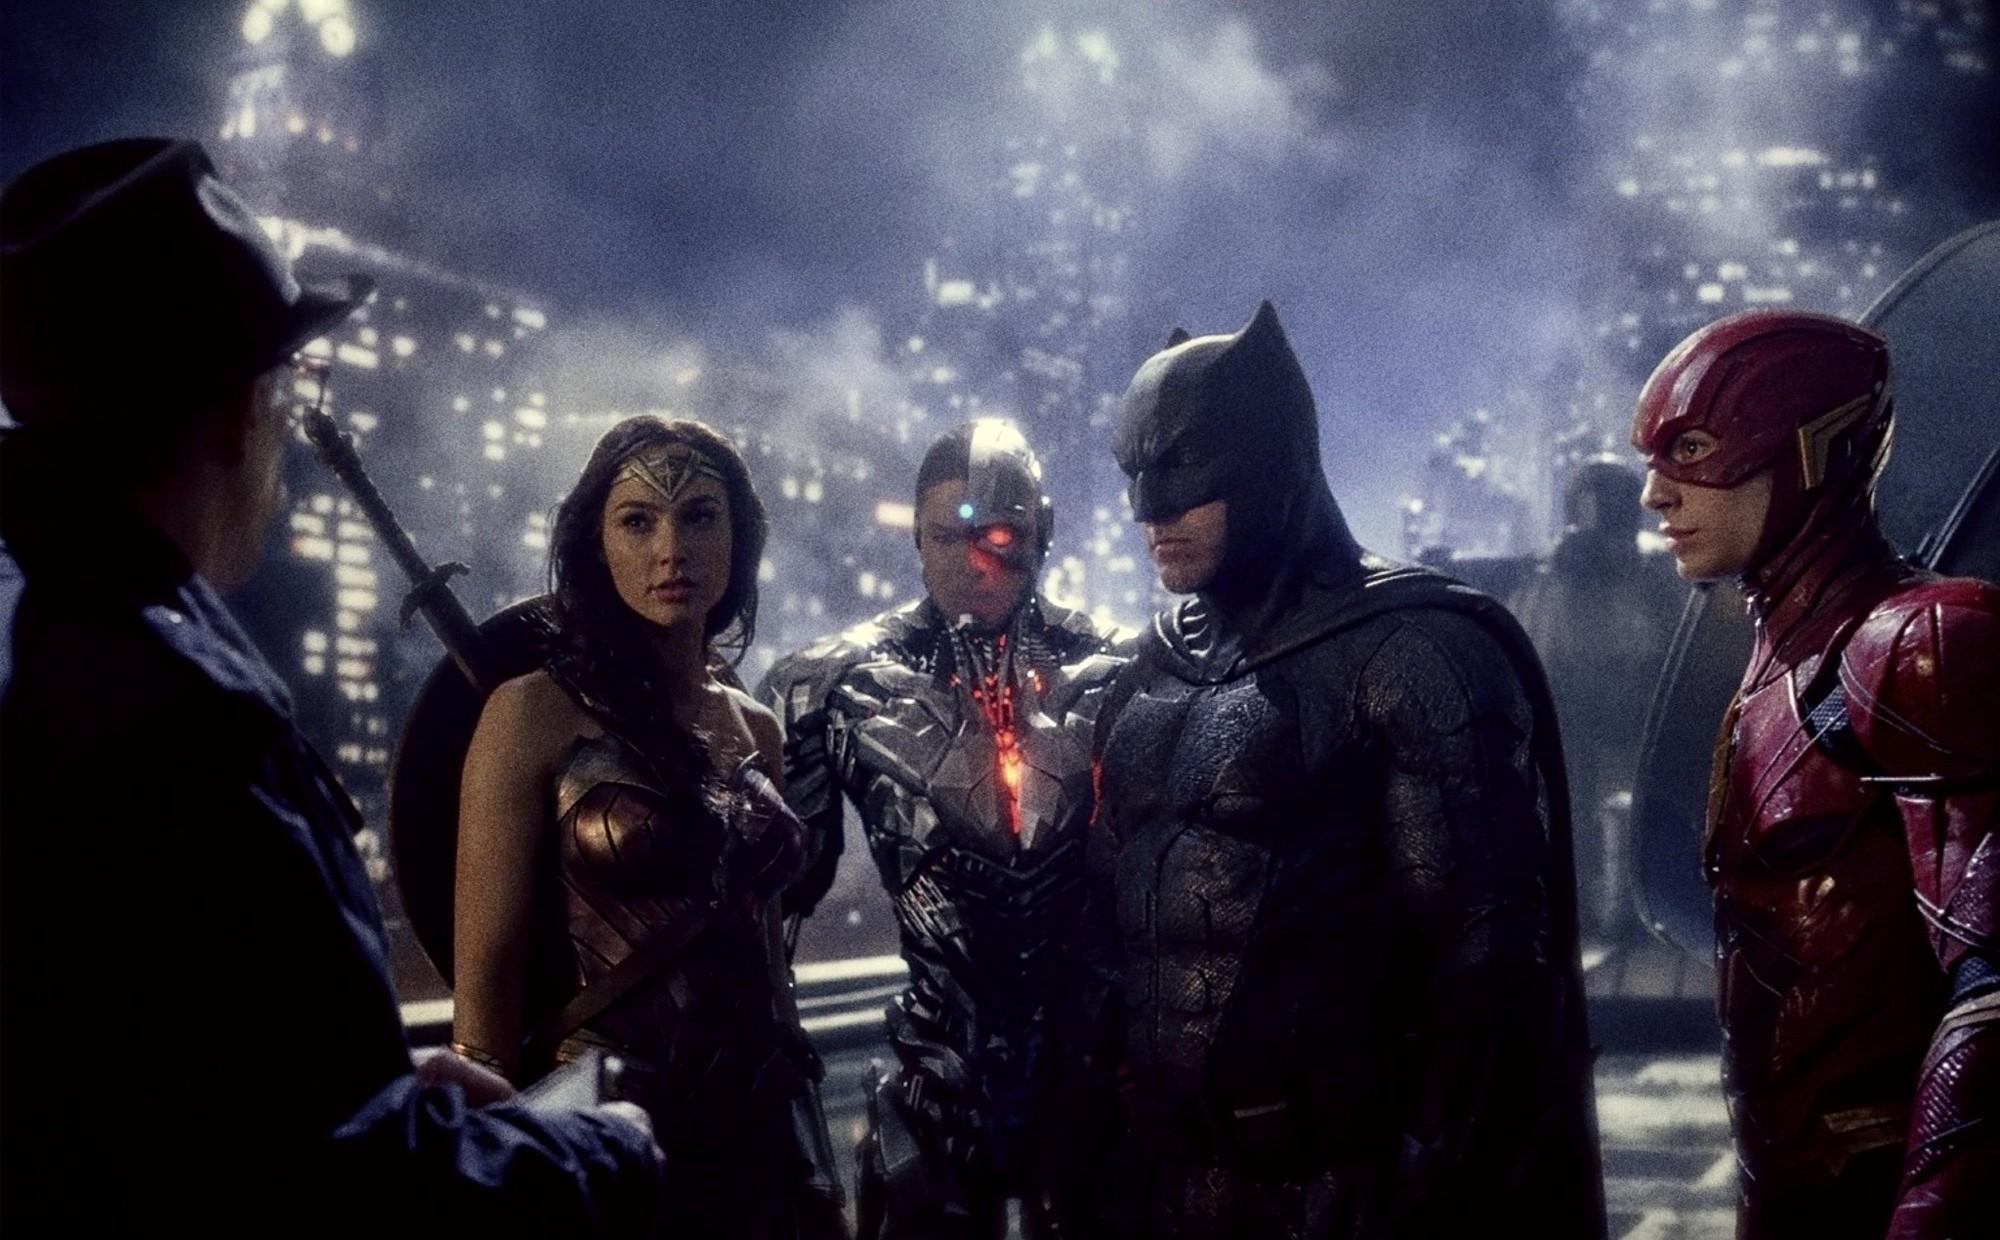 Justice League - Bom tấn mãn nhãn và thỏa mãn fan cuồng - Ảnh 8.